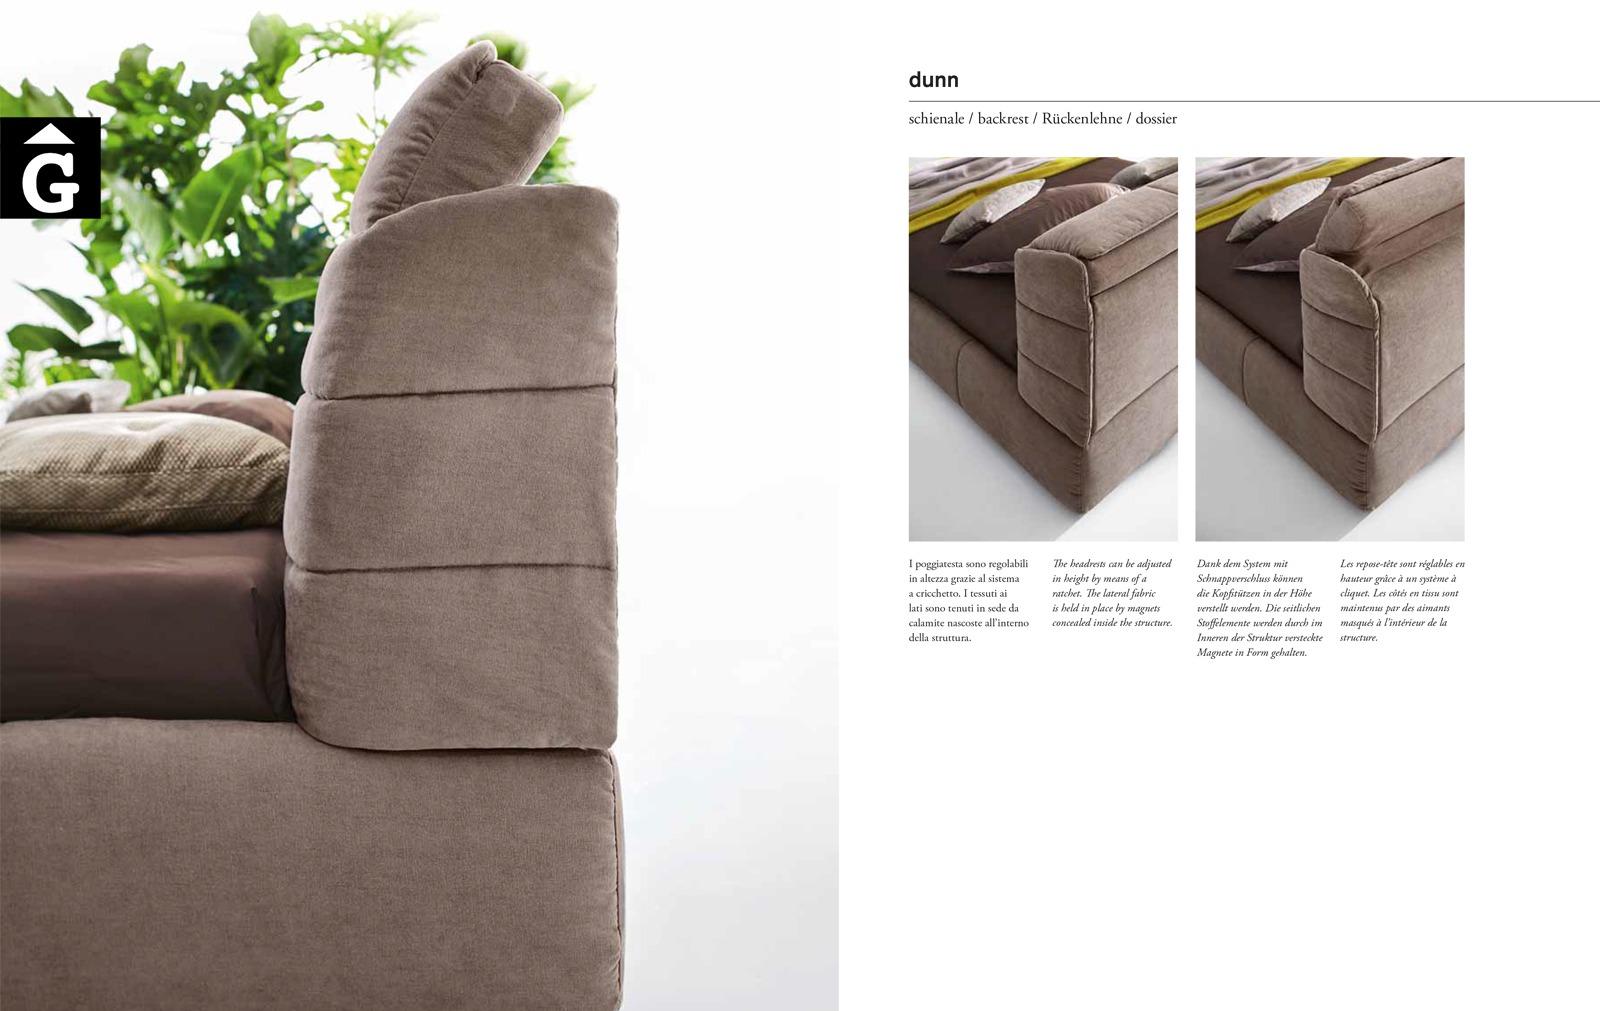 Dunn detall llit - Ditre Italia llits entapissats disseny i qualitat alta by mobles Gifreu